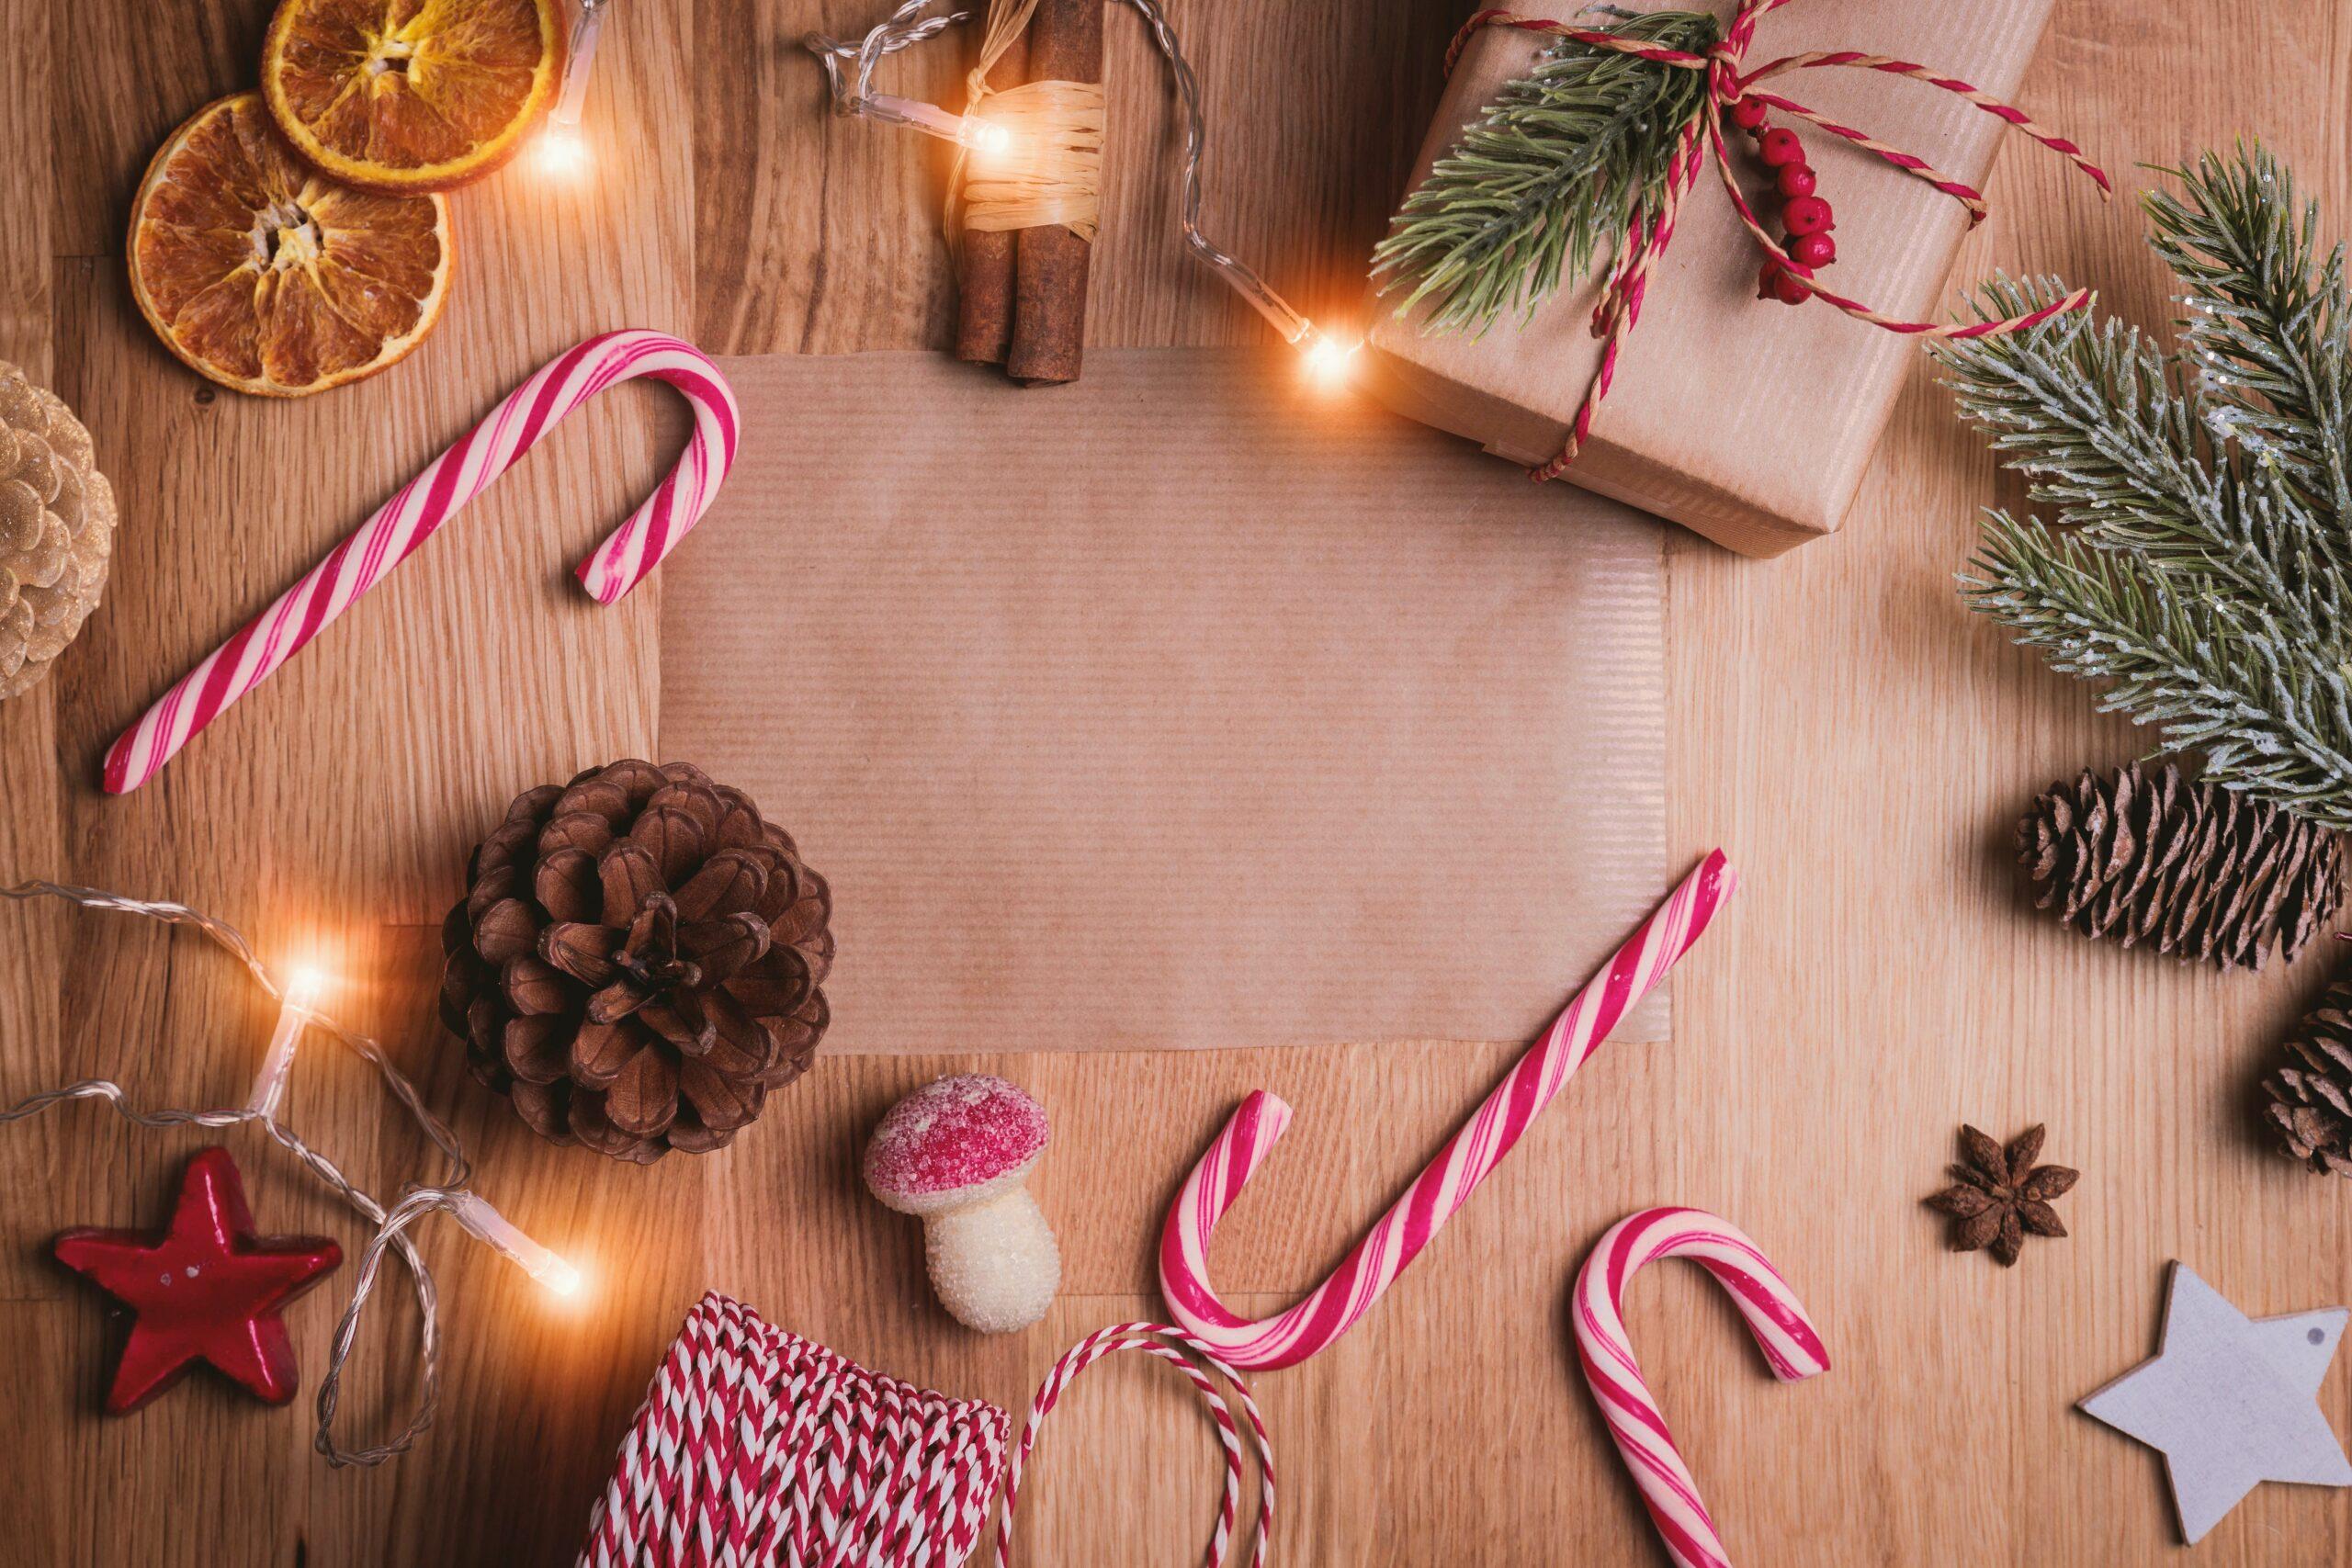 聖誕寒冬送暖 麗富康投入企業社會責任